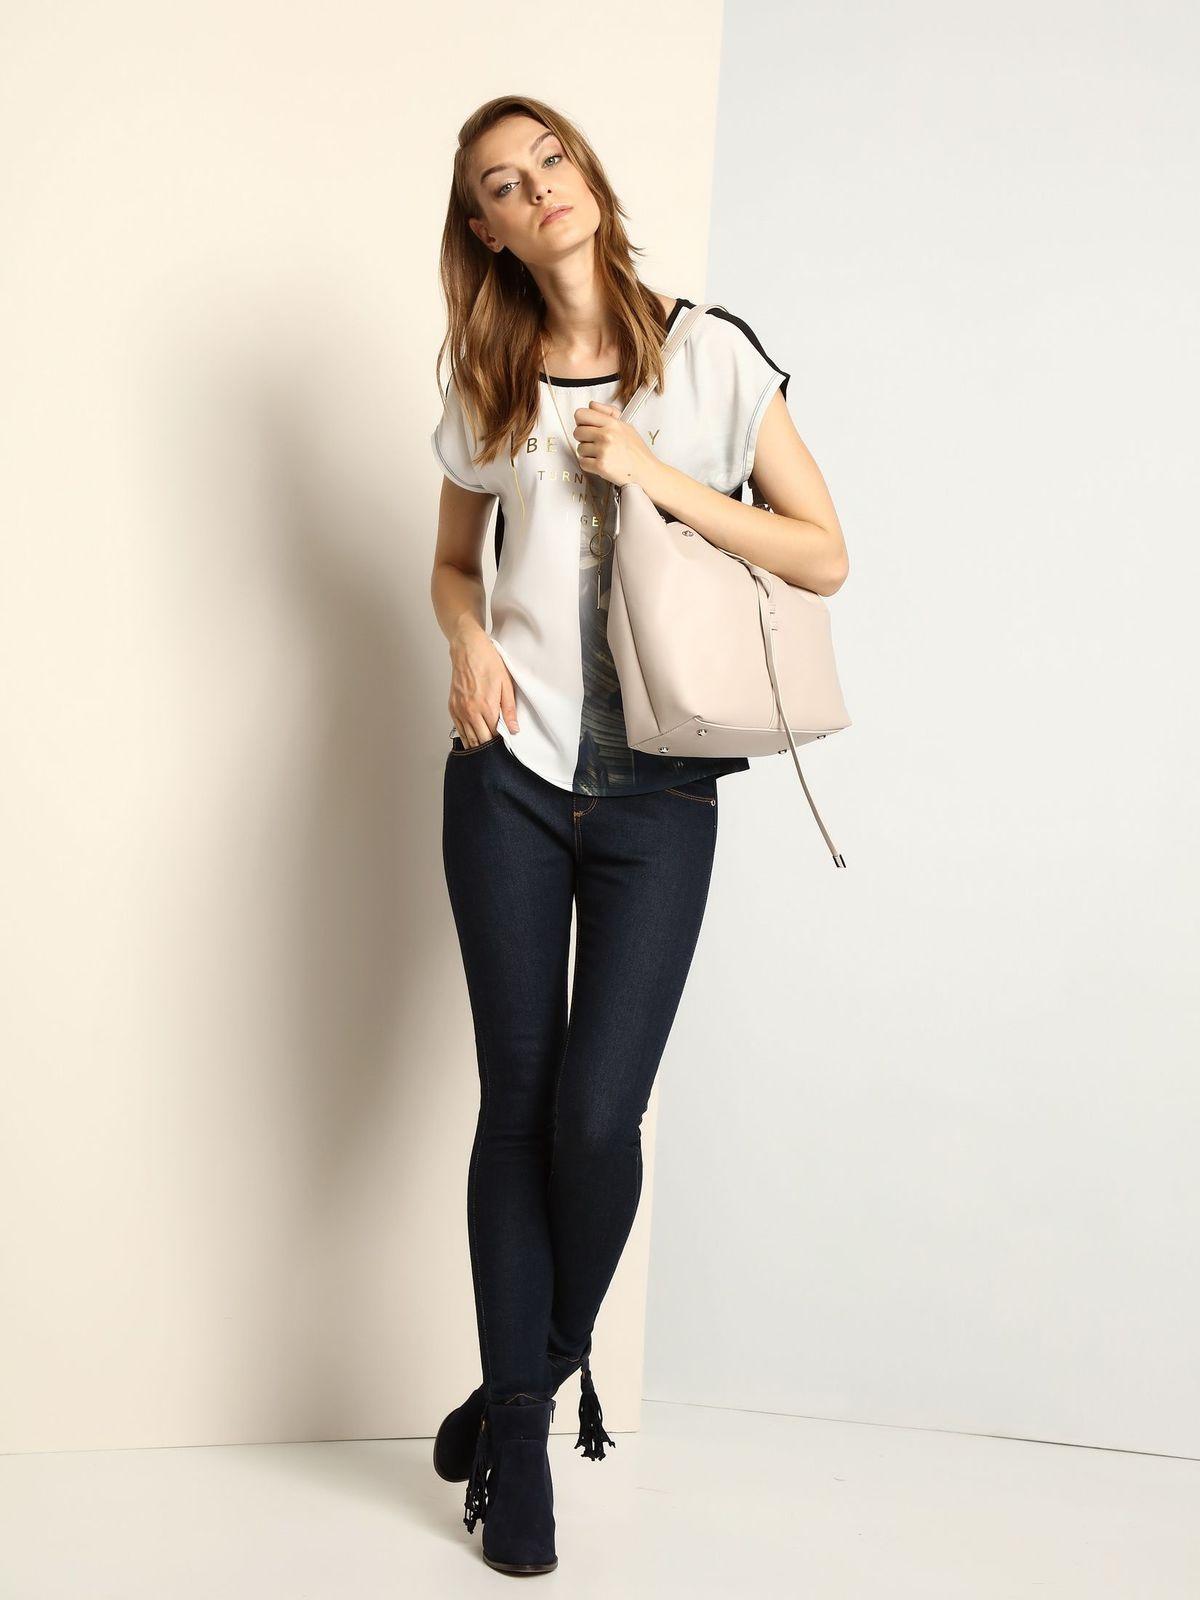 Блузка женская Troll, цвет: светло-серый, черный. TBK0291CA. Размер XS (42)TBK0291CAСтильная женская блузка Troll, выполненная из вискозы и полиэстера, подчеркнет ваш изысканный вкус.Модель свободного кроя c короткими цельнокроеными рукавами и круглым вырезом горловины не имеет застежек. Блузка оформлена оригинальным принтом с надписями.